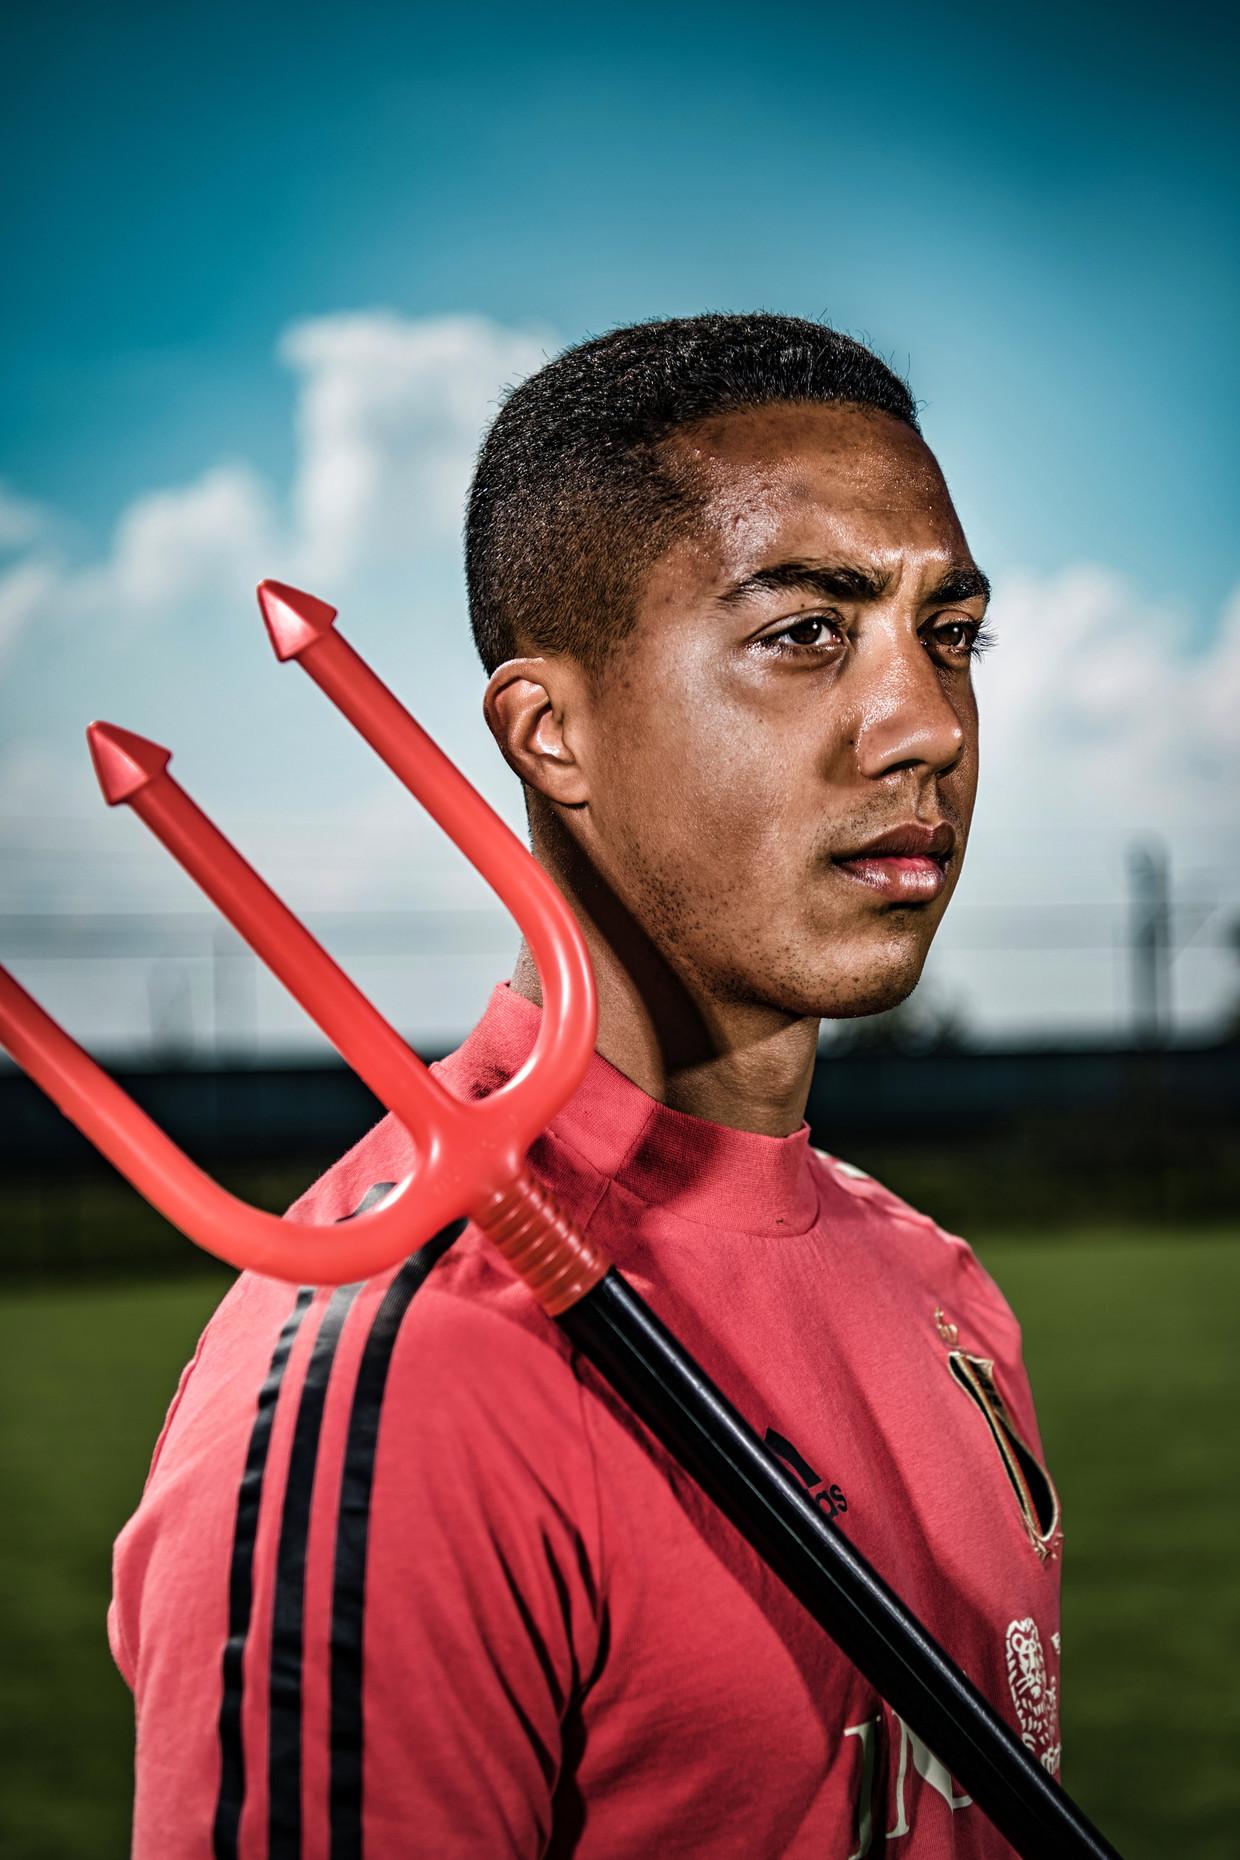 'Het voetbal loopt vol profiteurs. Hoe jonger je debuteert, hoe groter de tsunami die op je afkomt' Beeld Geert Van de Velde